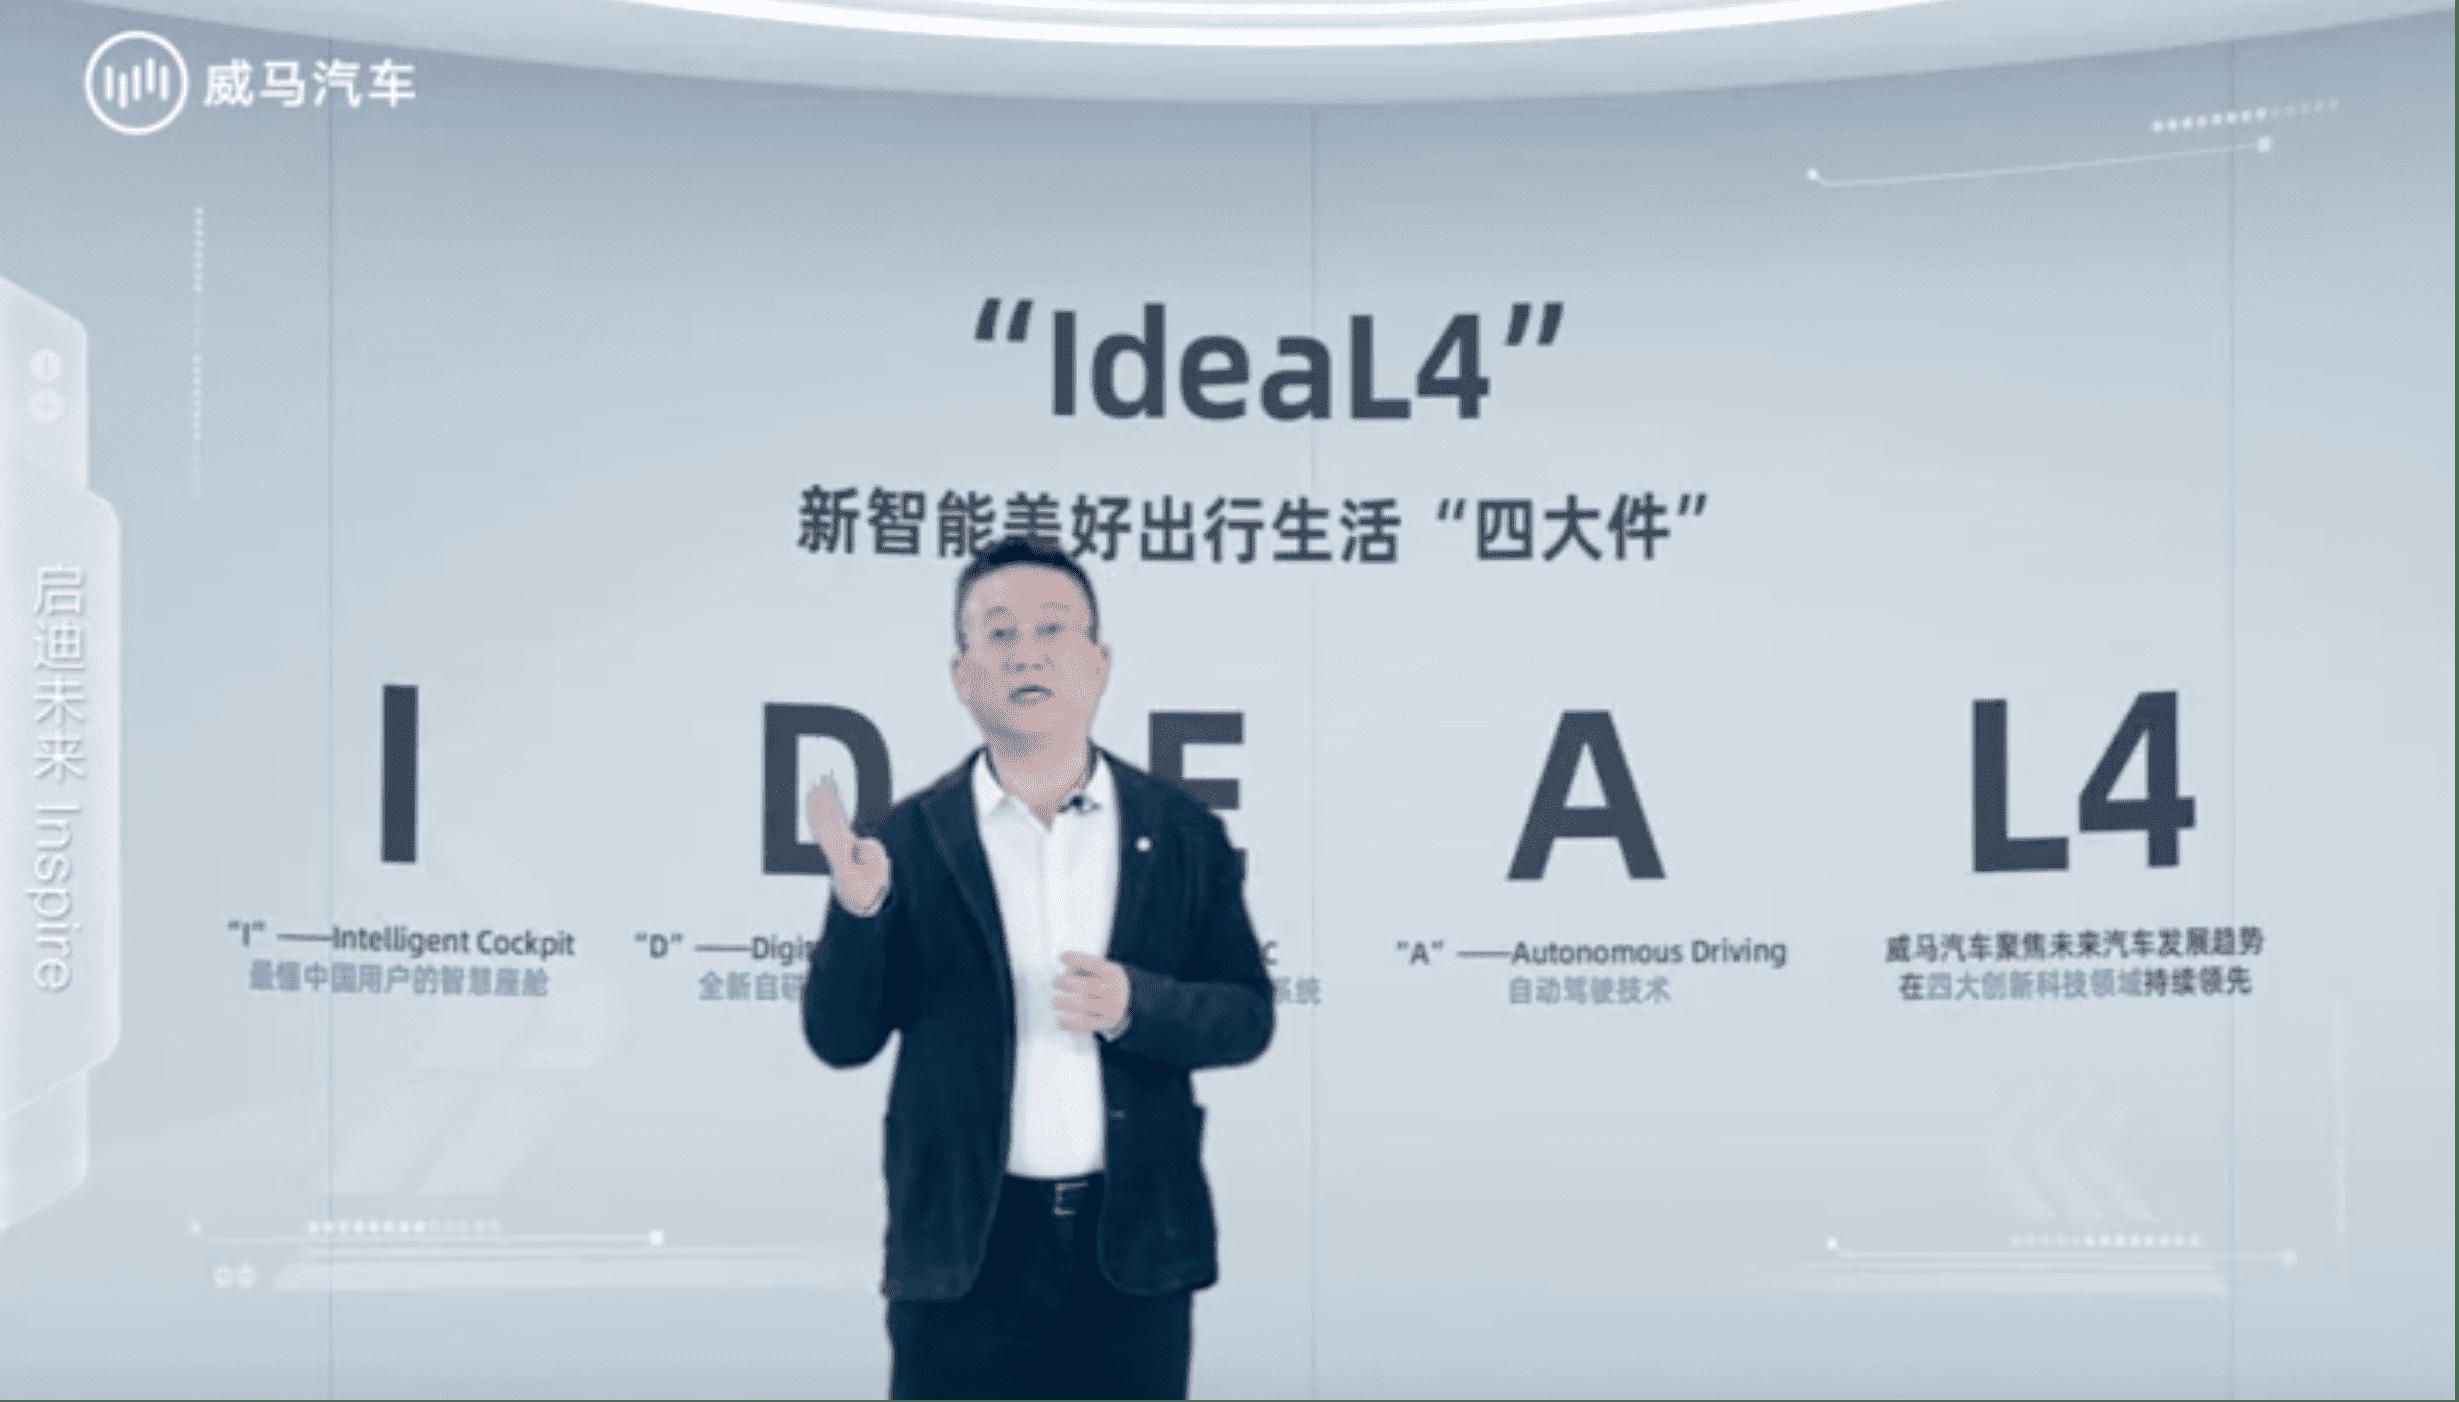 组建世界级最强智能盟友,威马汽车发布IdeaL4全新科技战略